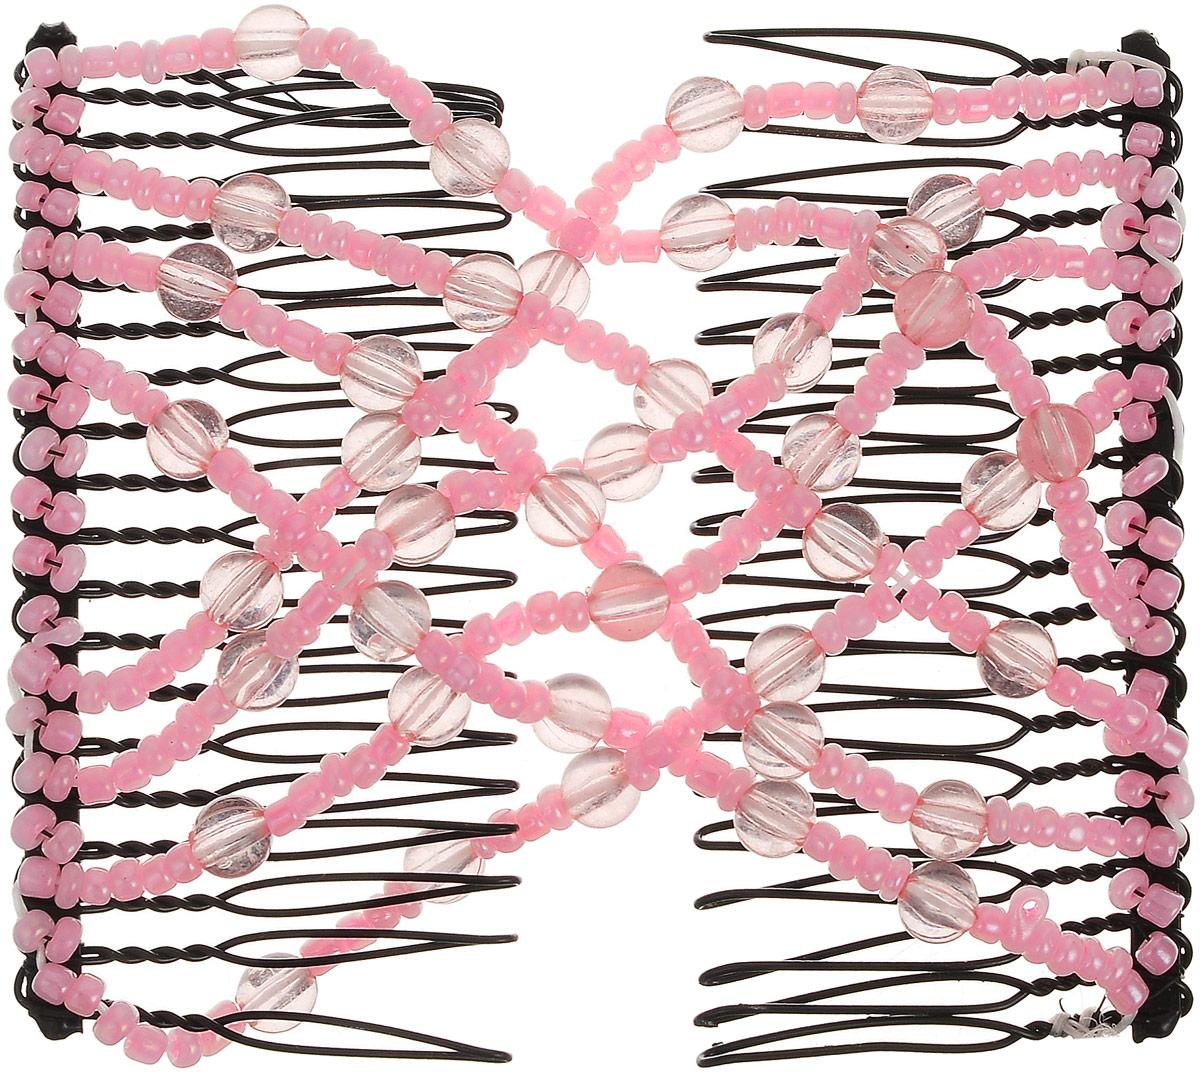 EZ-Combs Заколка Изи-Комбс, одинарная, цвет: розовый. ЗИО_шарики ez combs заколка изи комбс одинарная цвет коричневый зио сердечки